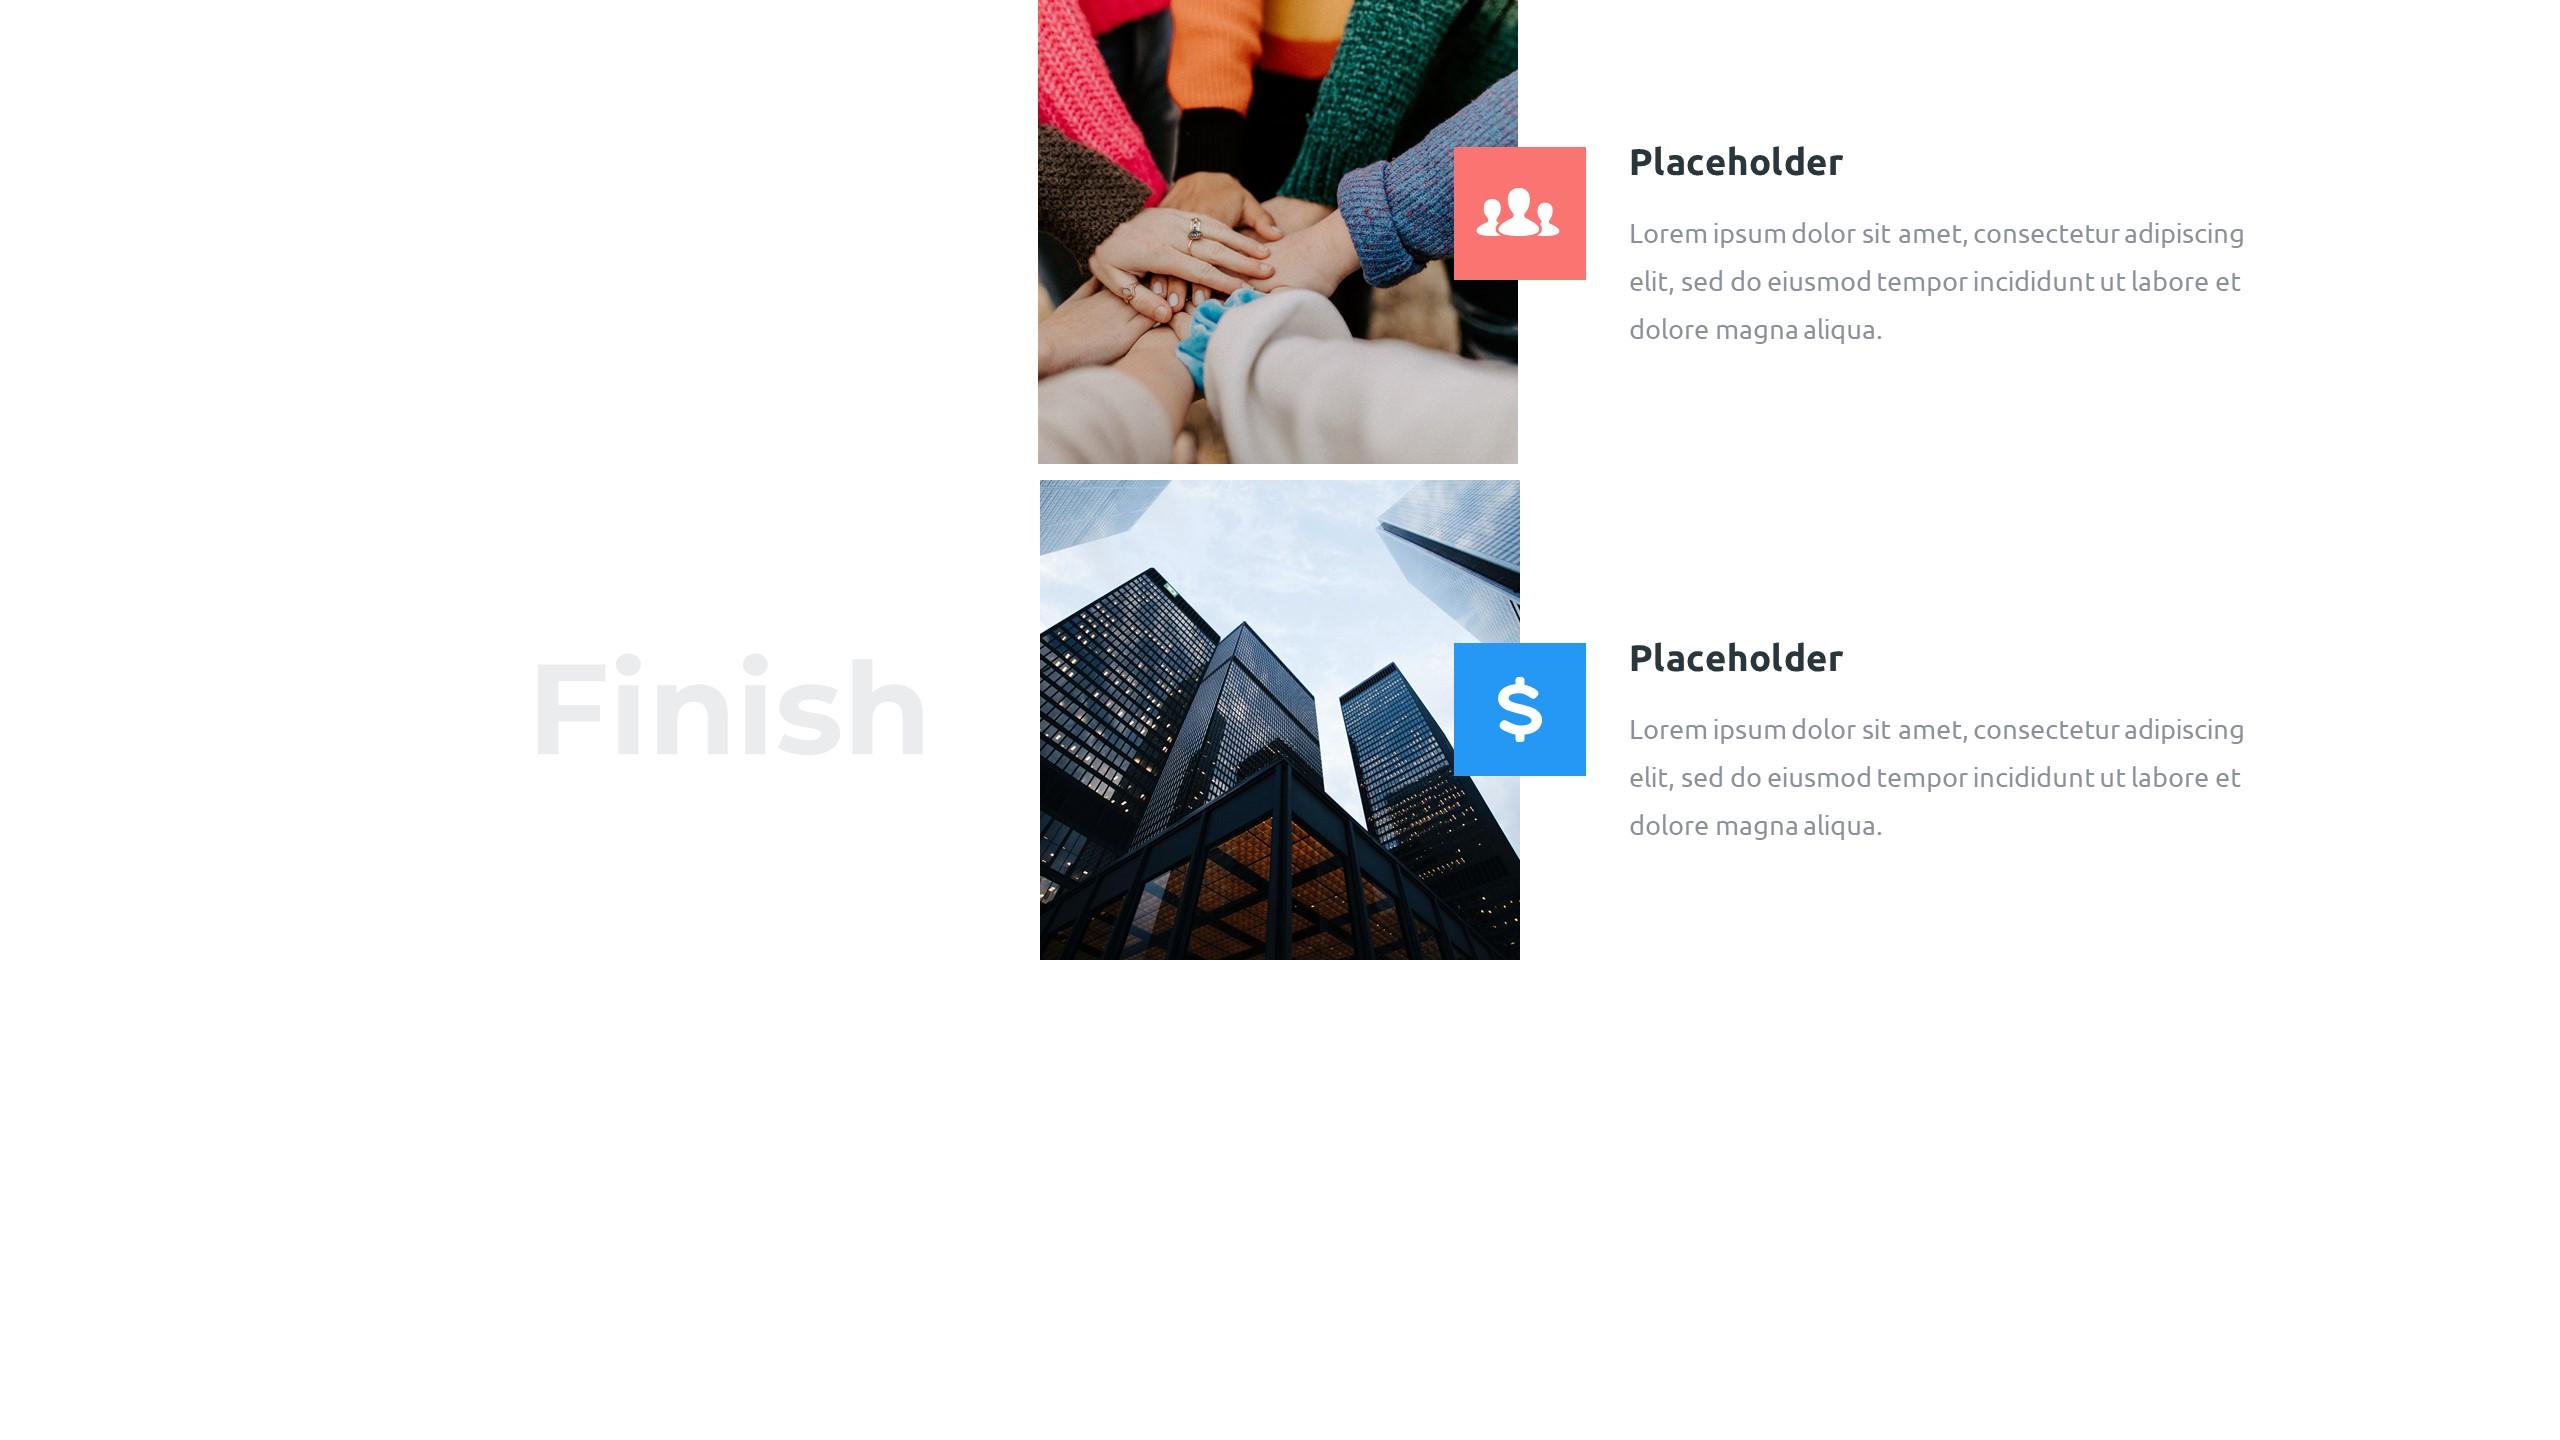 36 Timeline Presentation Templates: Powerpoint, Google Slides, Keynote - Slide4 1